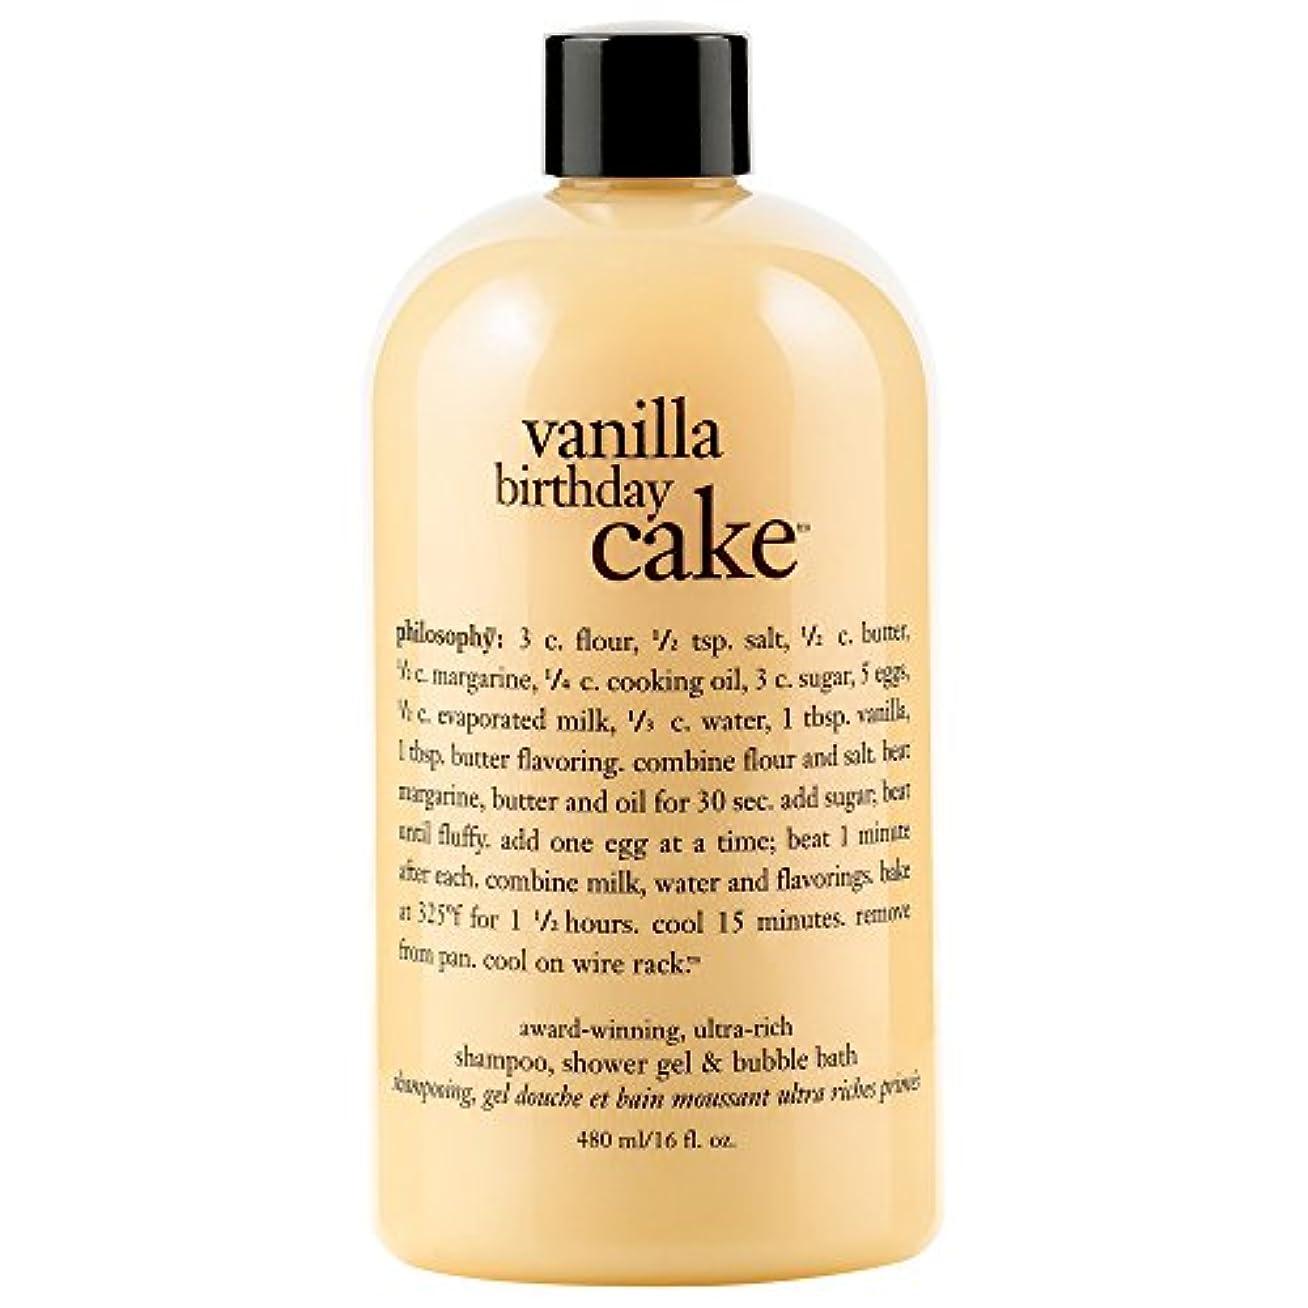 過度にドーム背の高い哲学バニラバースデーケーキシャンプー/シャワージェル/バブルバス480ミリリットル (Philosophy) - Philosophy Vanilla Birthday Cake Shampoo/Shower Gel/Bubble...